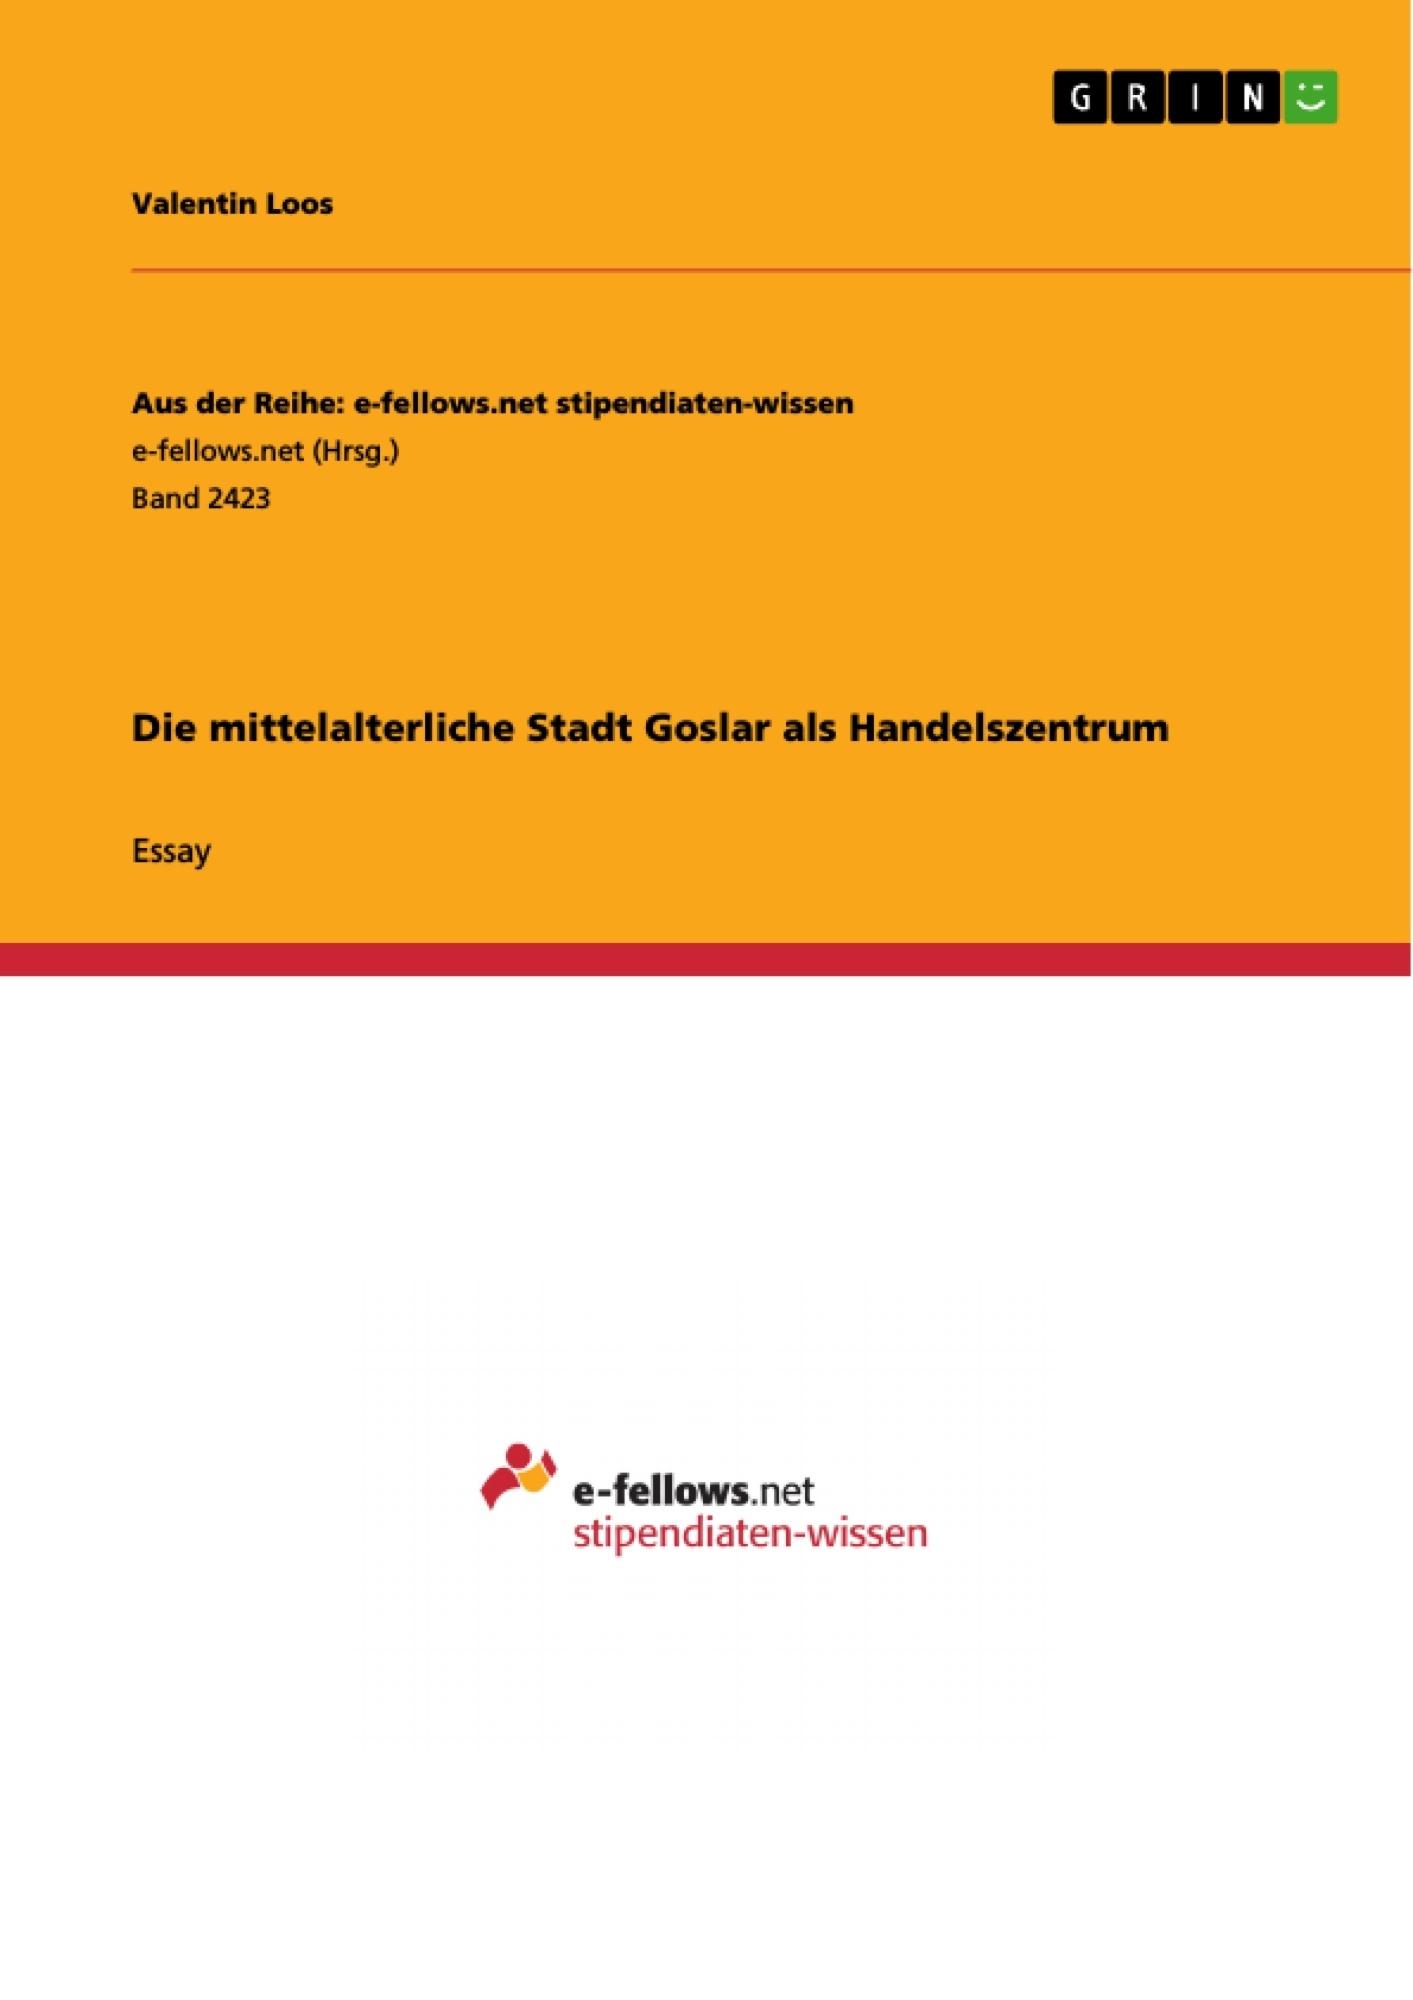 Titel: Die mittelalterliche Stadt Goslar als Handelszentrum